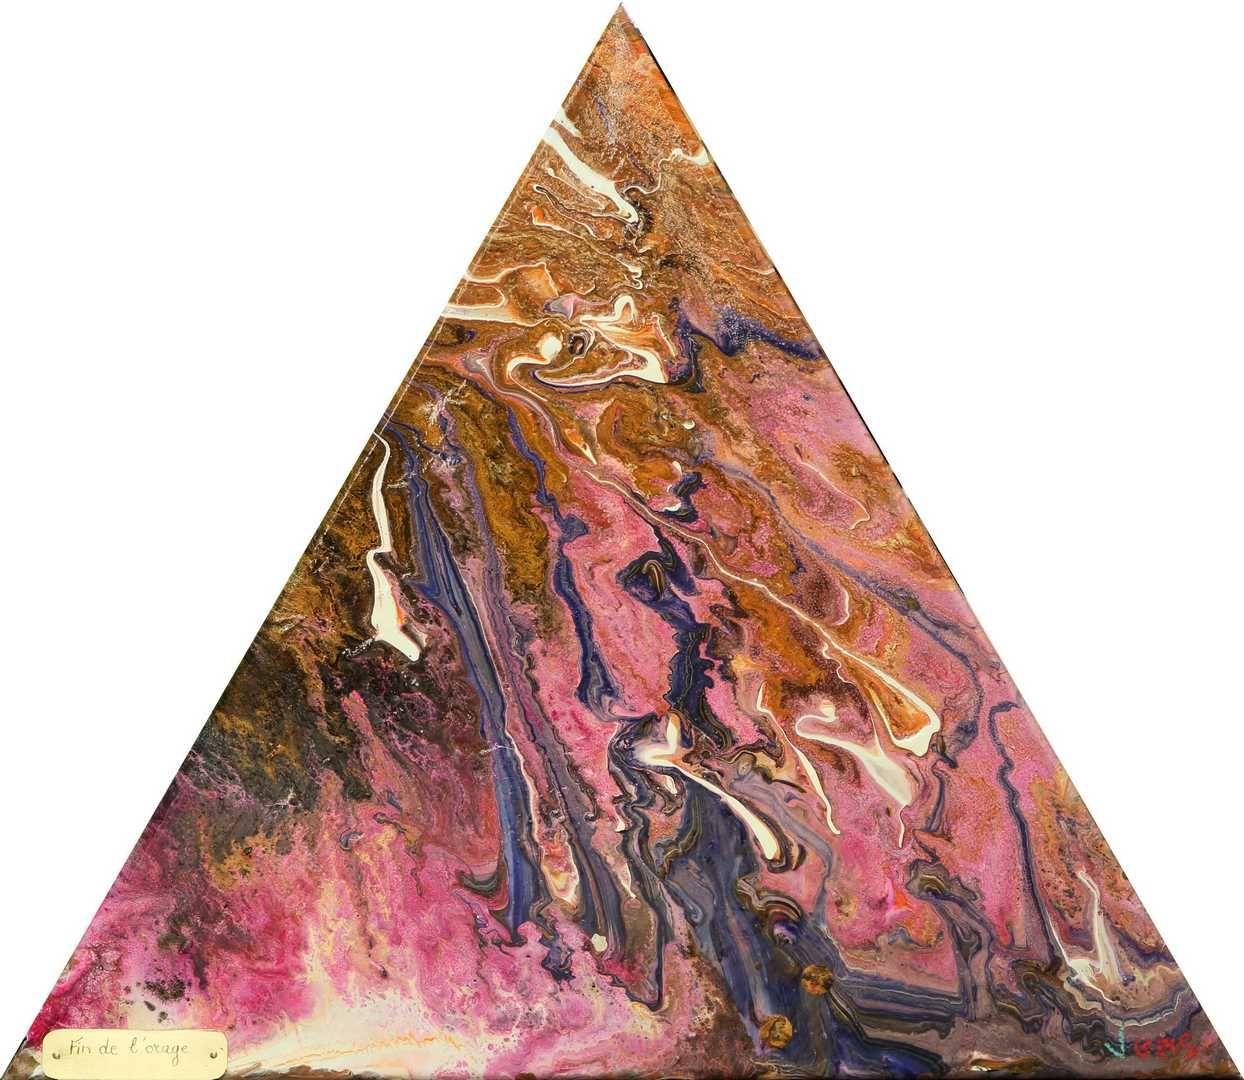 Cote Artiste Peintre Francais fin de l'orage oeuvre originale de l'artiste peintre vgas